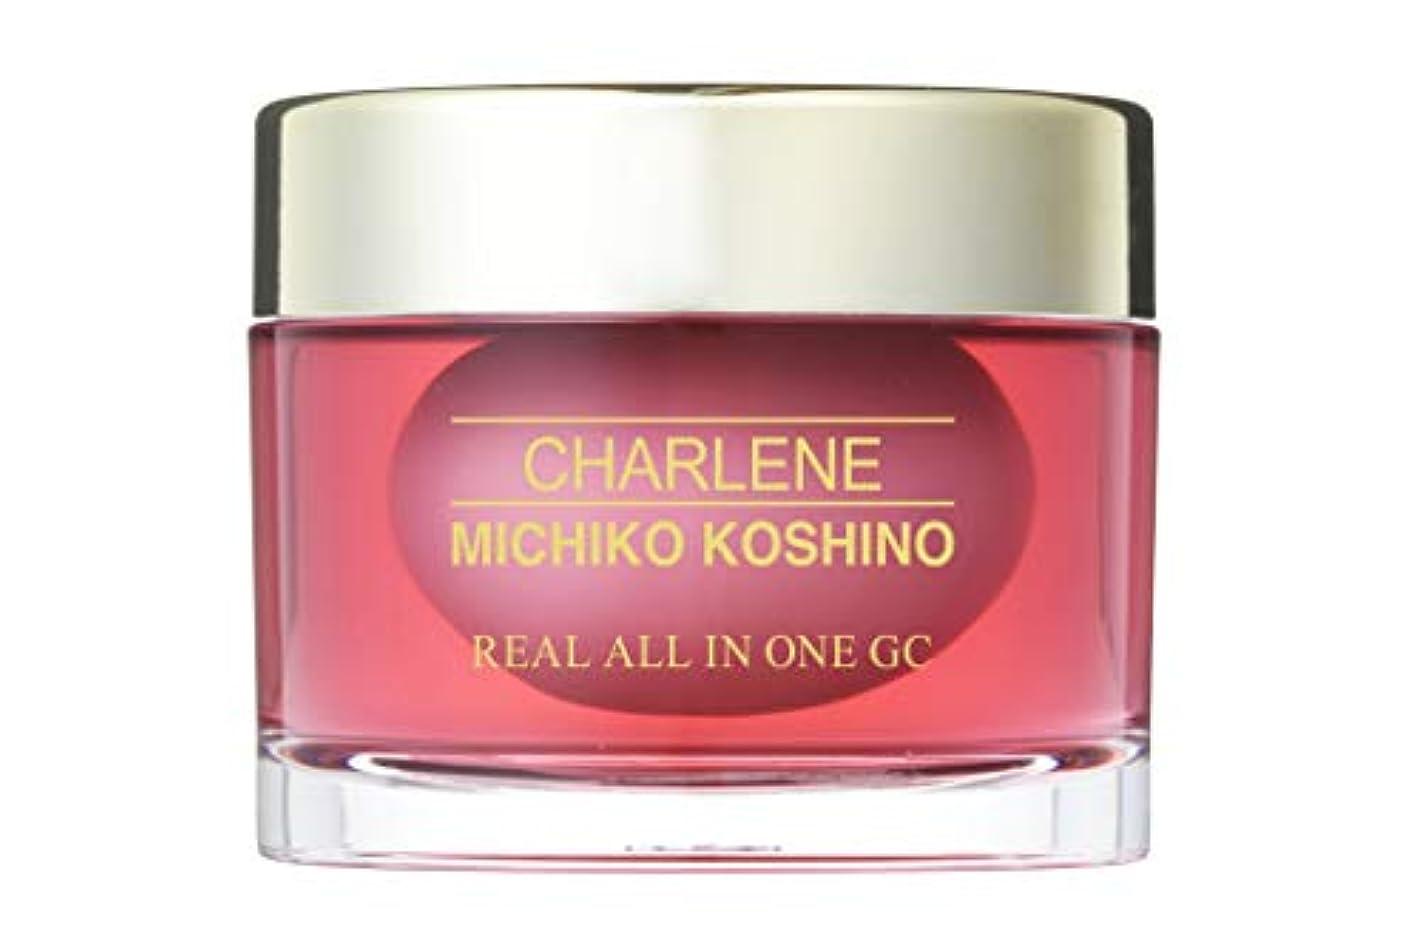 シャルーヌ化粧品 オールインワンジェルクリーム 95g(約2ヶ月分) / 美容成分全130種類 / ヒアルロン酸?コラーゲン?プラセンタ配合